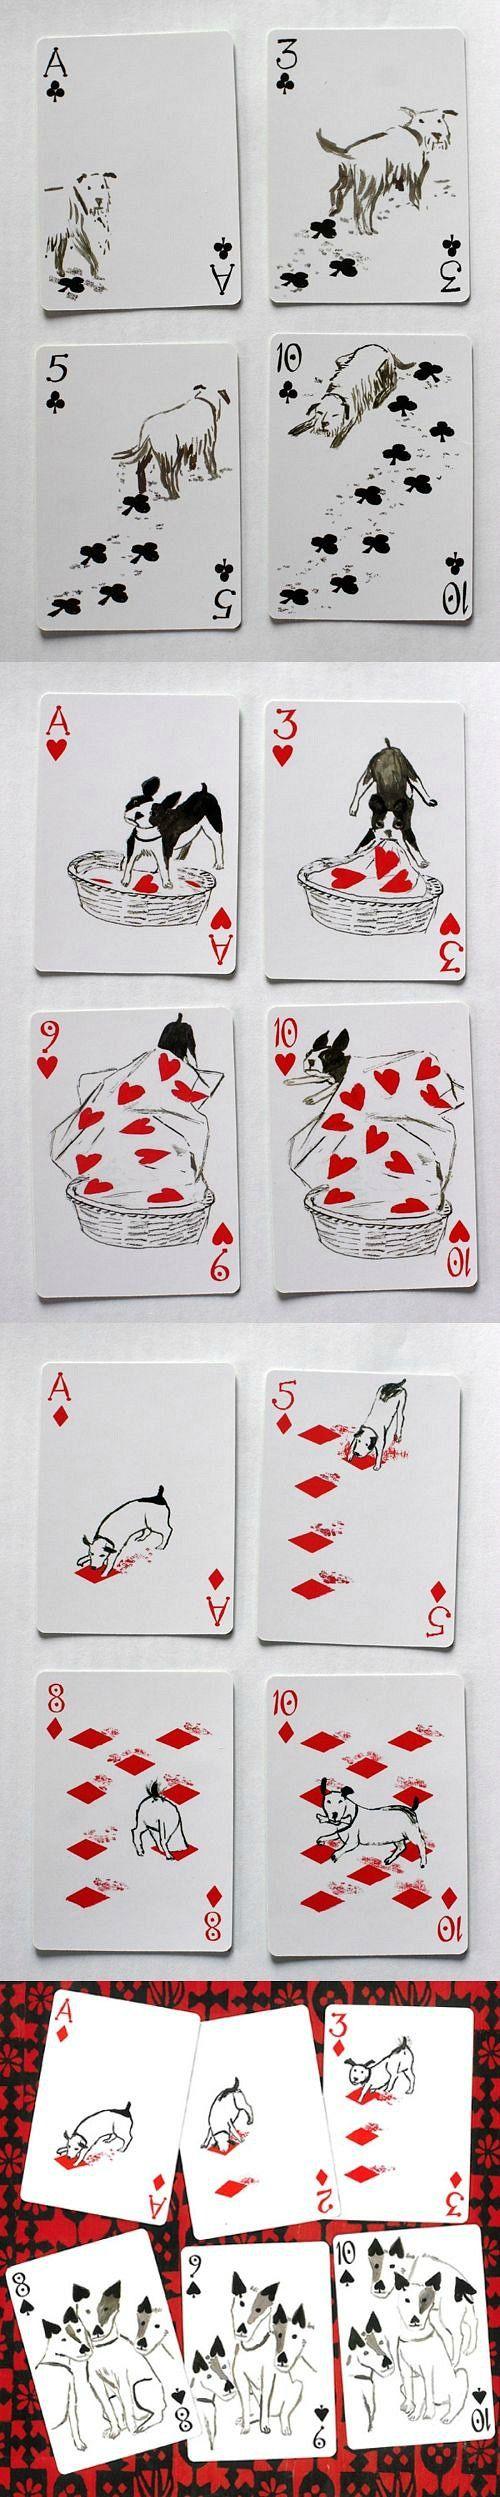 """1. Советские игральные карты серия """"Майя"""" 1960 2.""""Classic Mythology"""" Playing Cards, Made in Spain, Fournier, 1959 3. Playing Cards by artist John Littleboy 4.Французские игральные карты серия """"Военные Союзники""""…"""